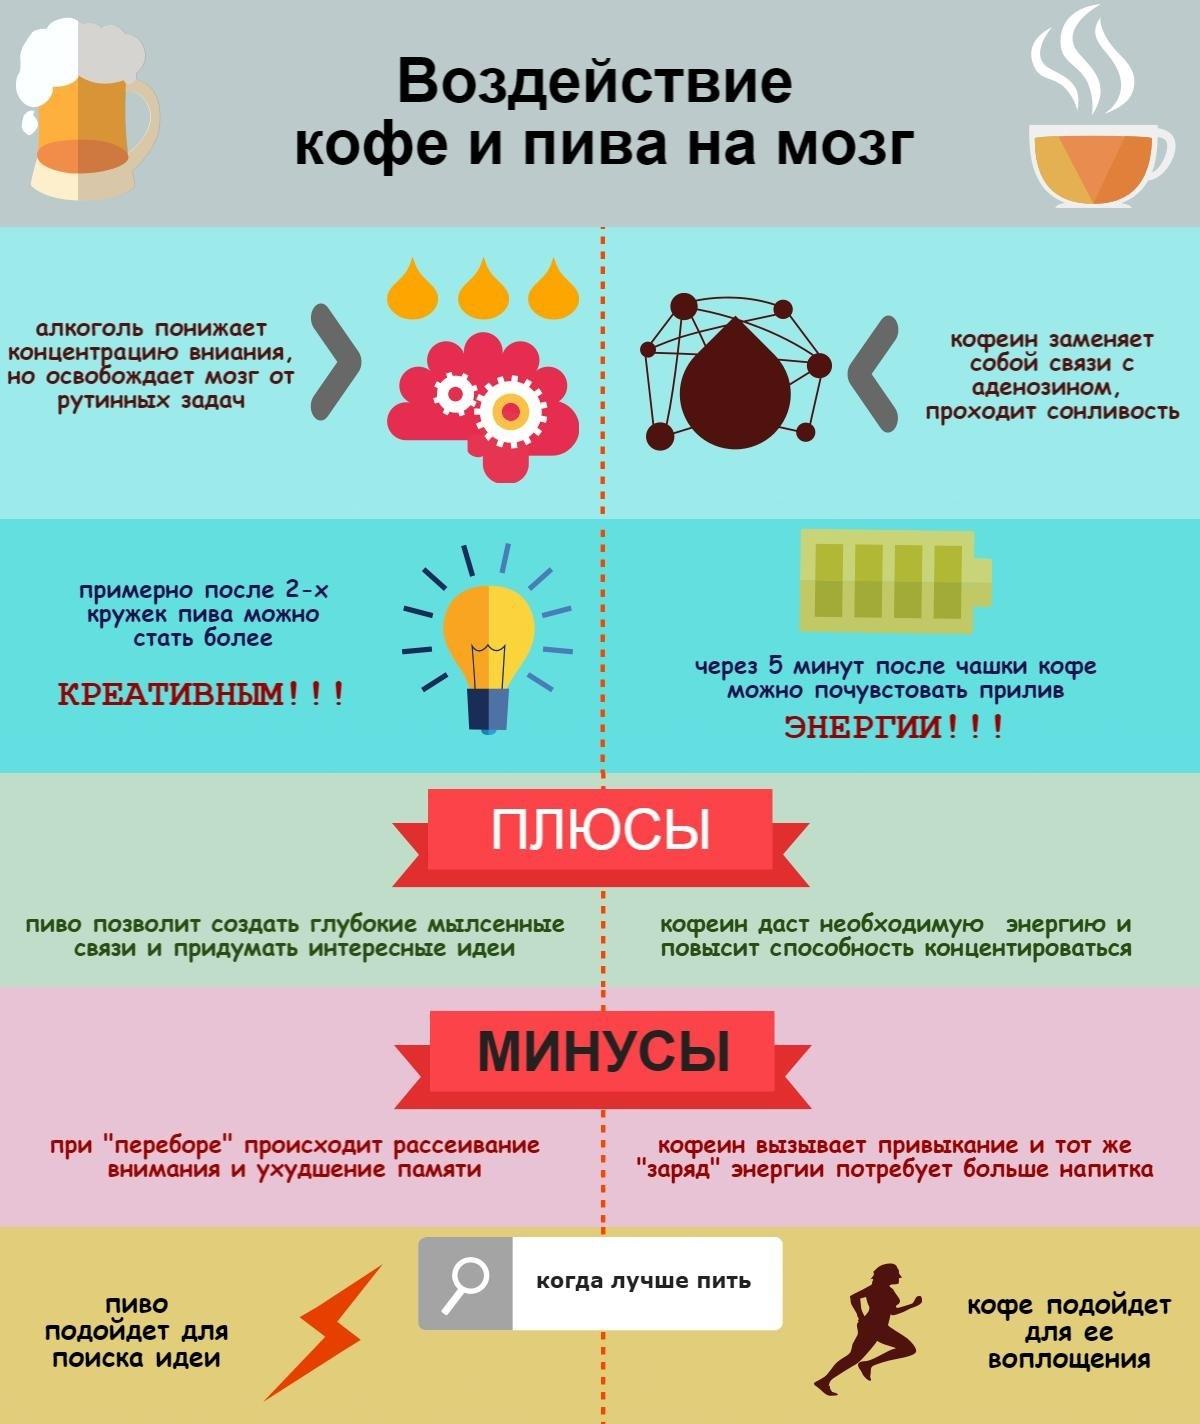 фото как пиво и кофе воздействуют на мозг